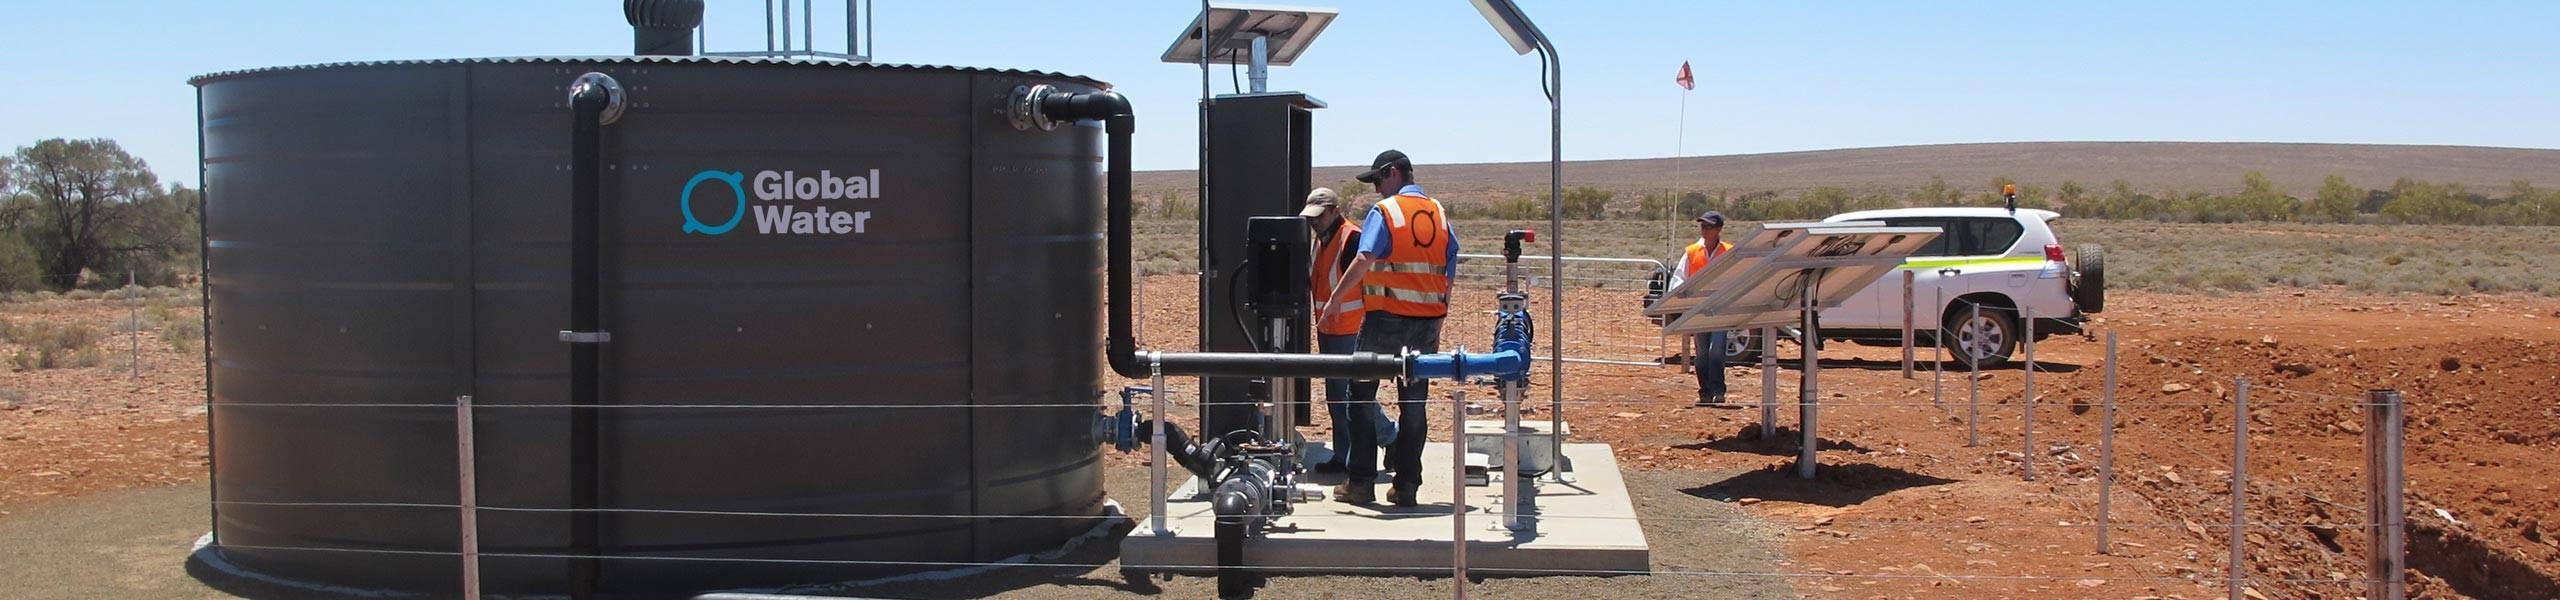 Bore-pump-systems-banner.jpg